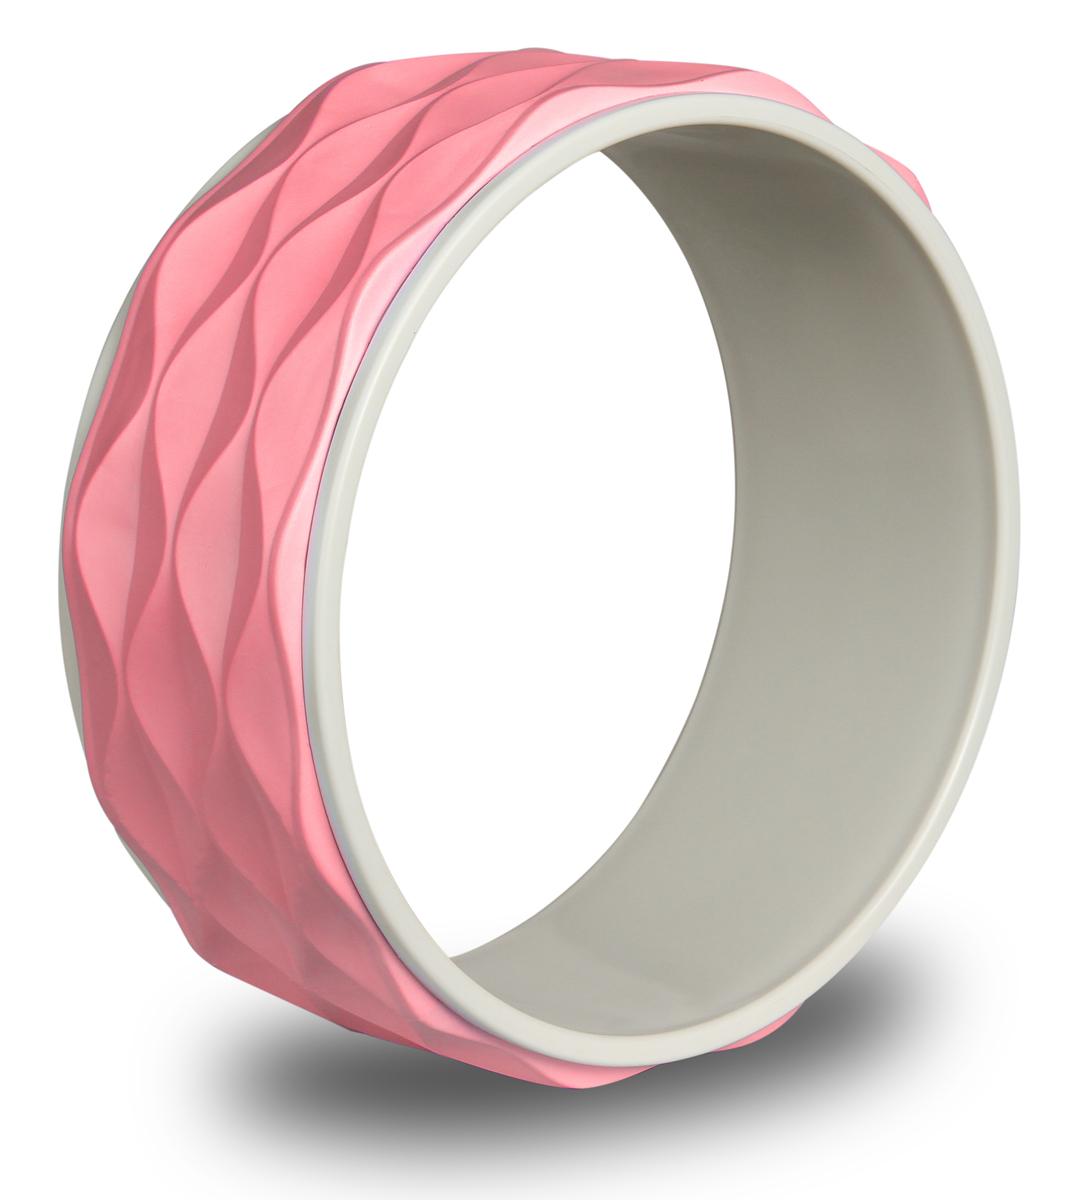 Колесо для йоги Indigo, рифленое, цвет: розовый, диаметр 34 см колесо для йоги indigo цвет розовый черный диаметр 32 см